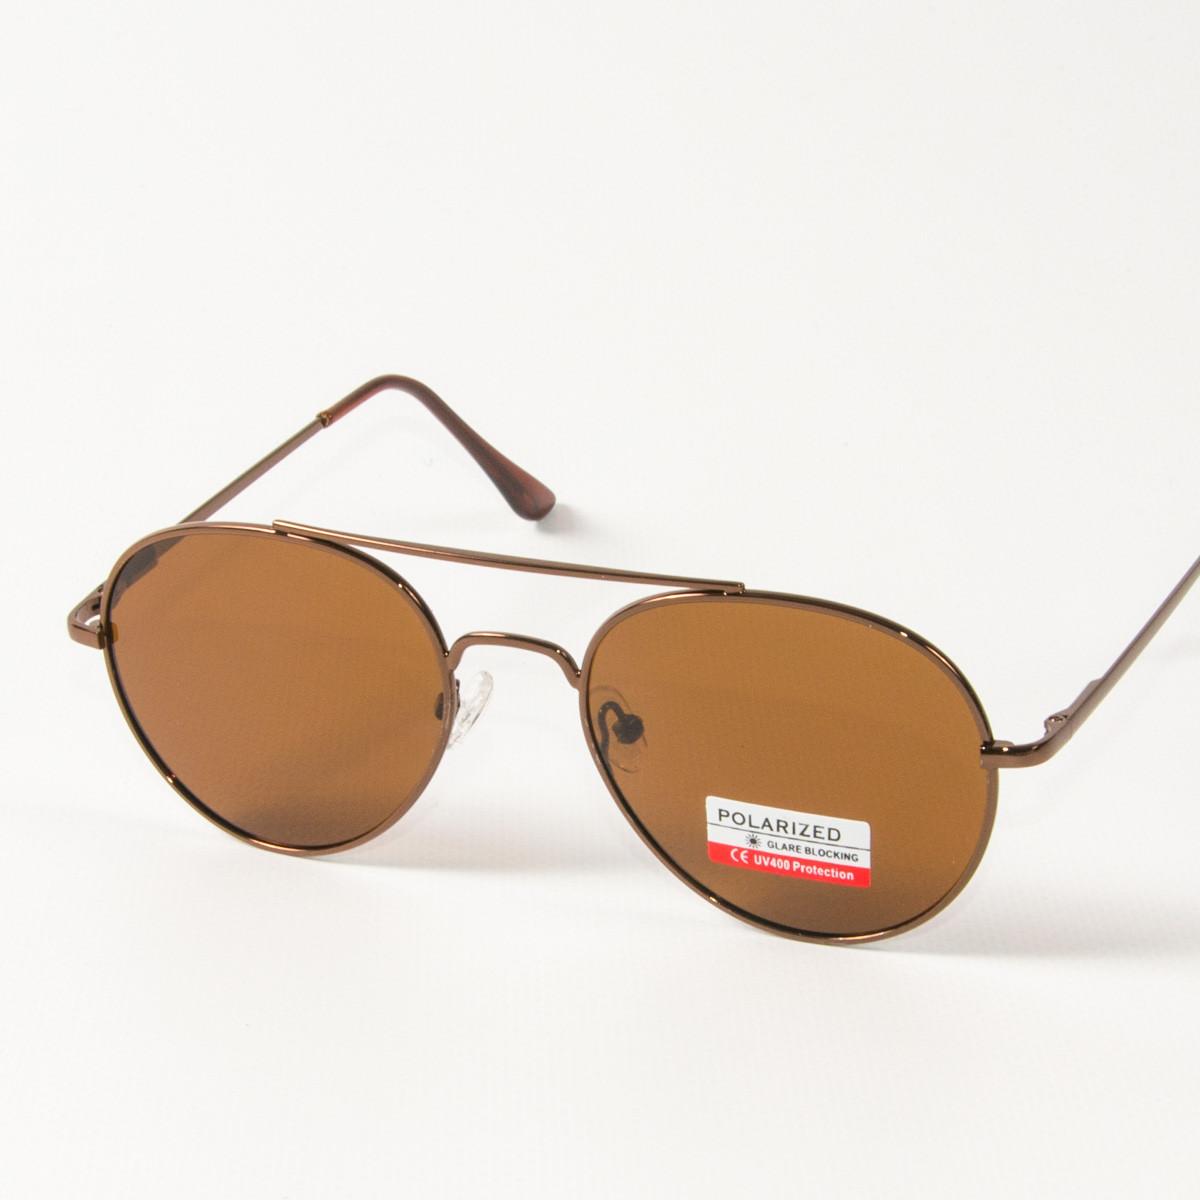 Оптом поляризационные  солнцезащитные очки авиаторы (арт. P8048/5) коричневые